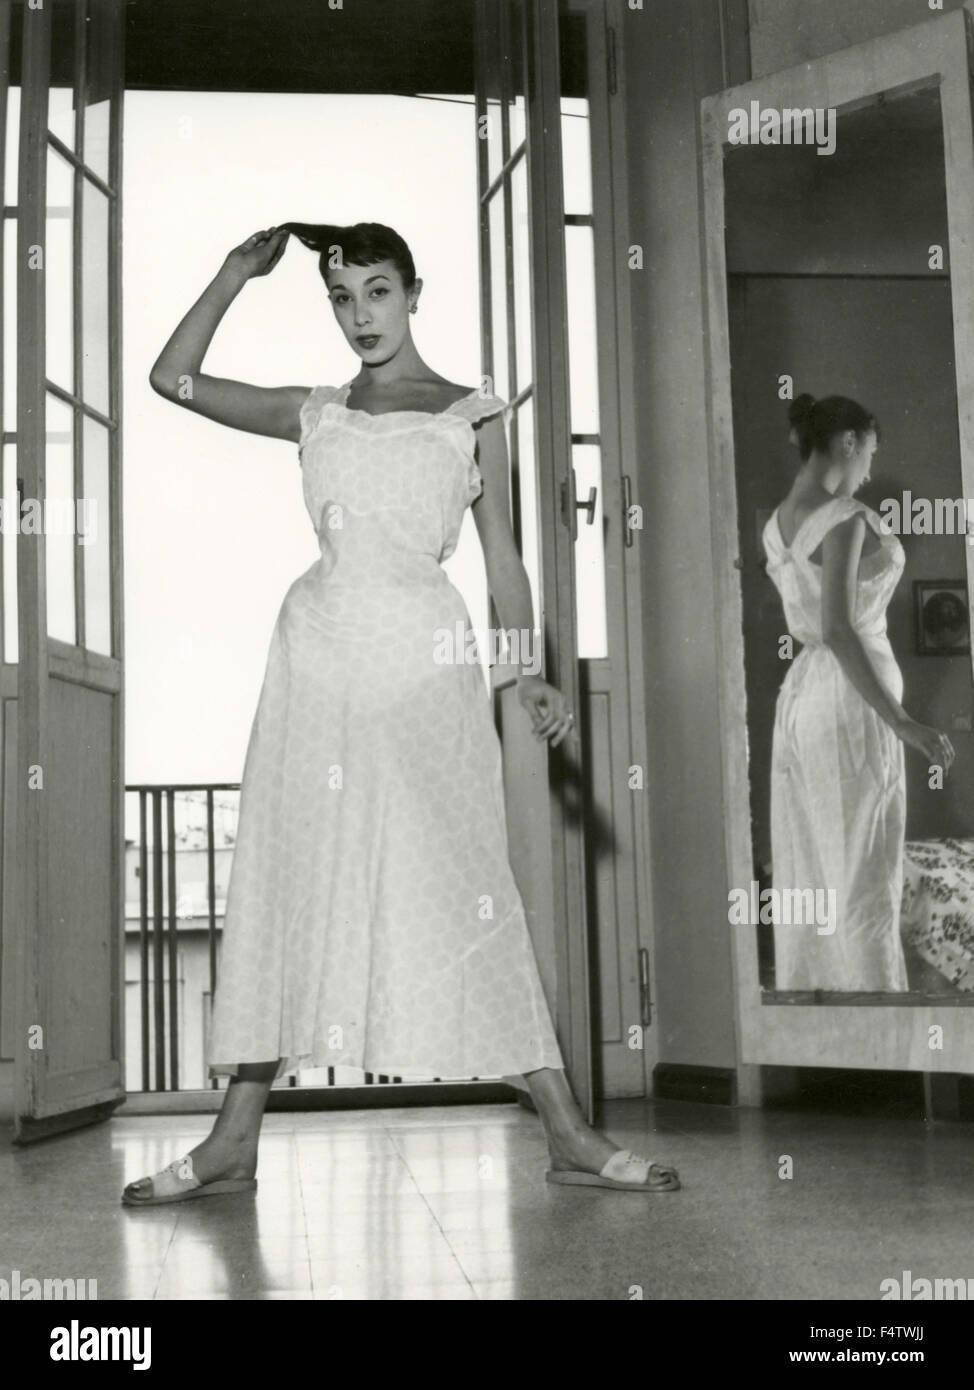 Un modèle porte une robe translucide blanc Photo Stock